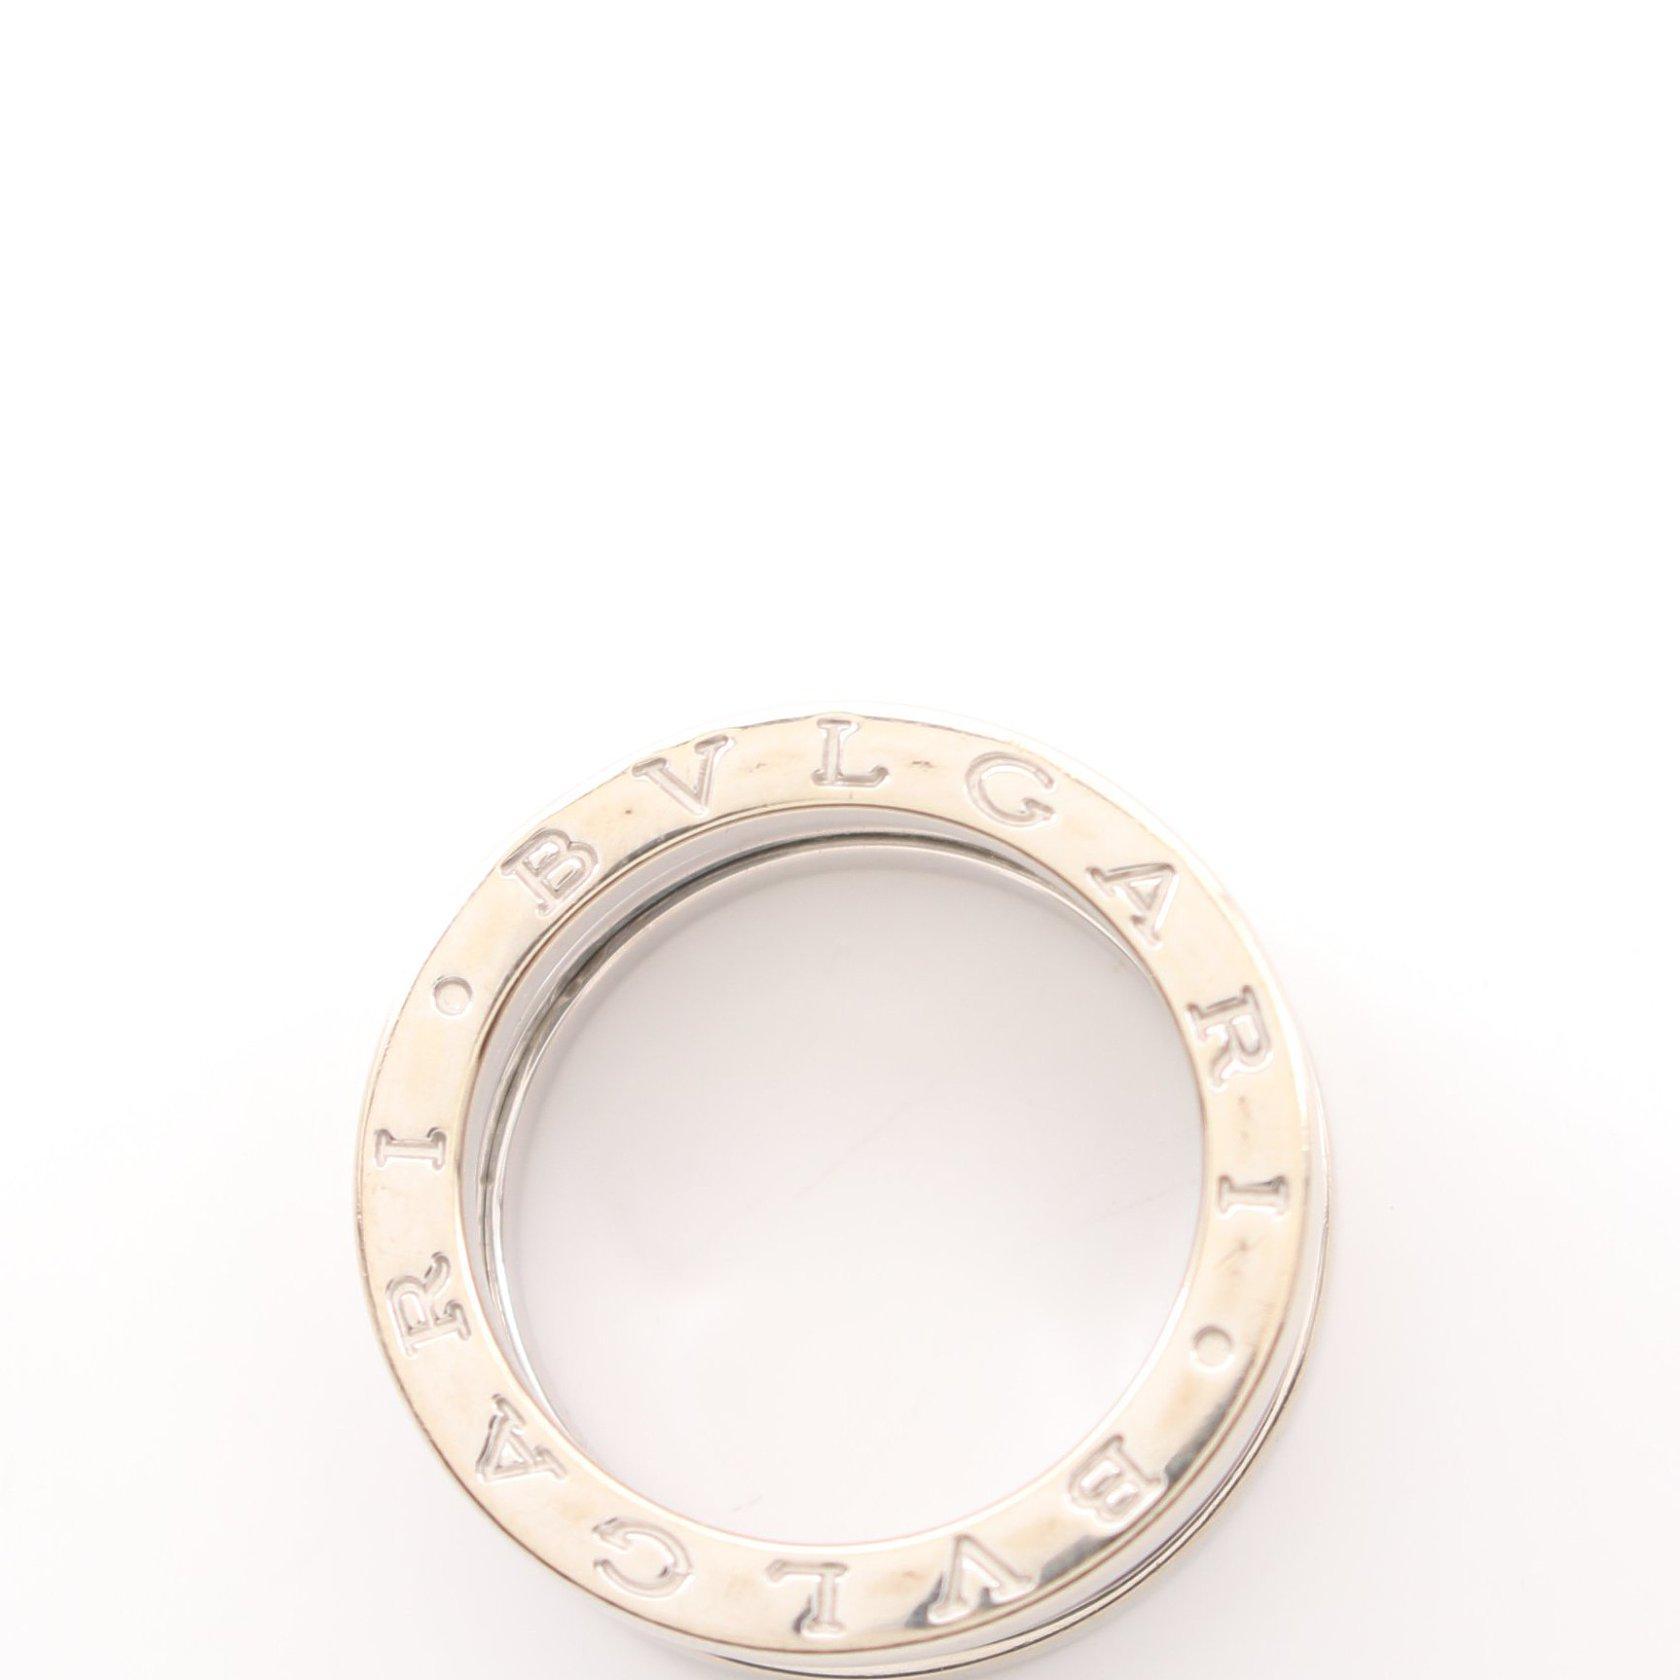 BVLGARI・アクセサリー・B-ZERO1 ビーゼロワン 3バンド リング 指輪 K18WG ホワイトゴールド